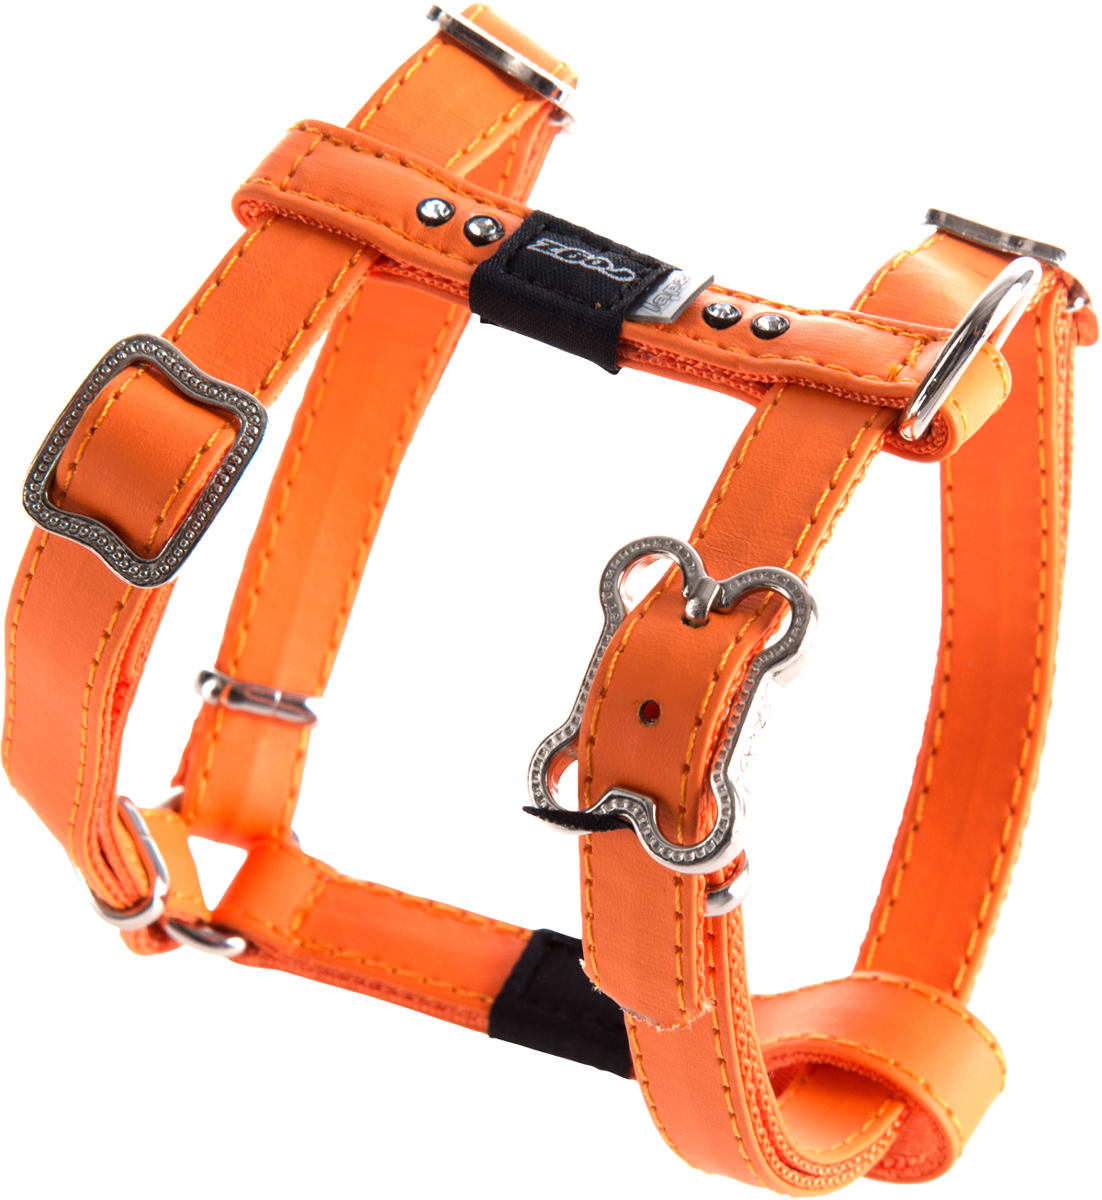 Шлейка для собак Rogz  Luna , цвет: оранжевый, ширина 1,3 см. Размер S - Товары для прогулки и дрессировки (амуниция)